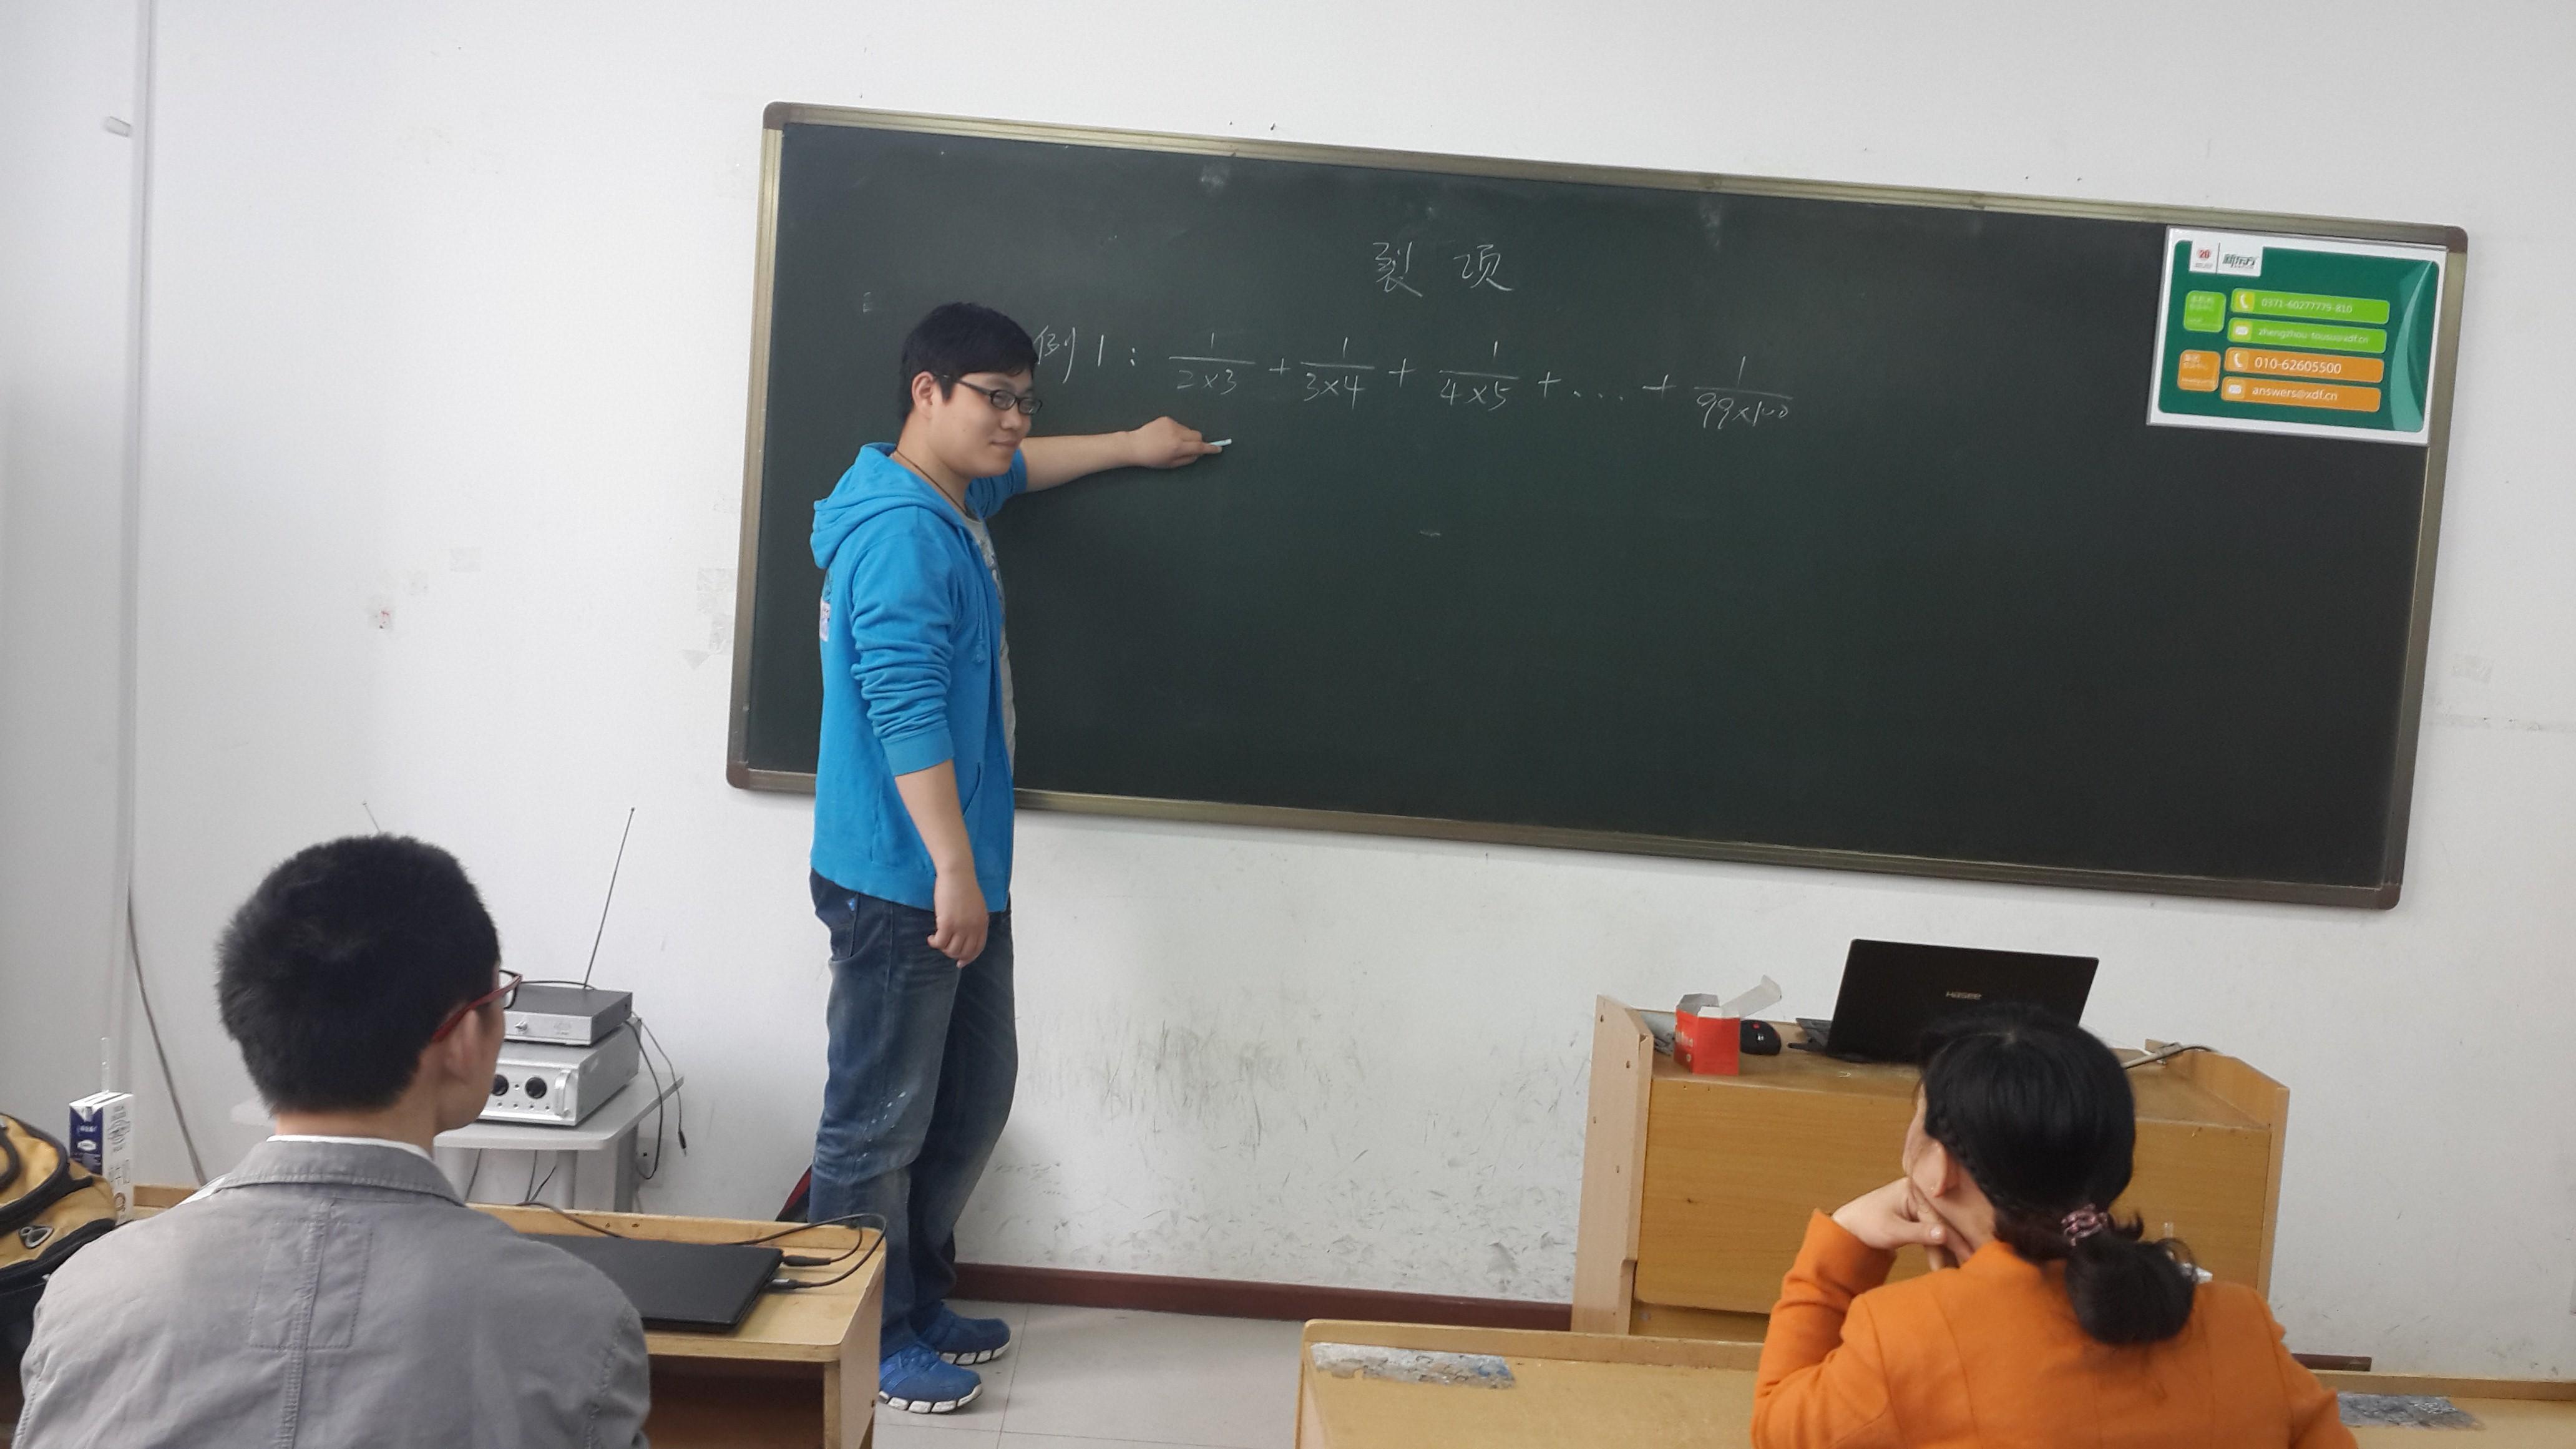 徐明朝老师授课照片